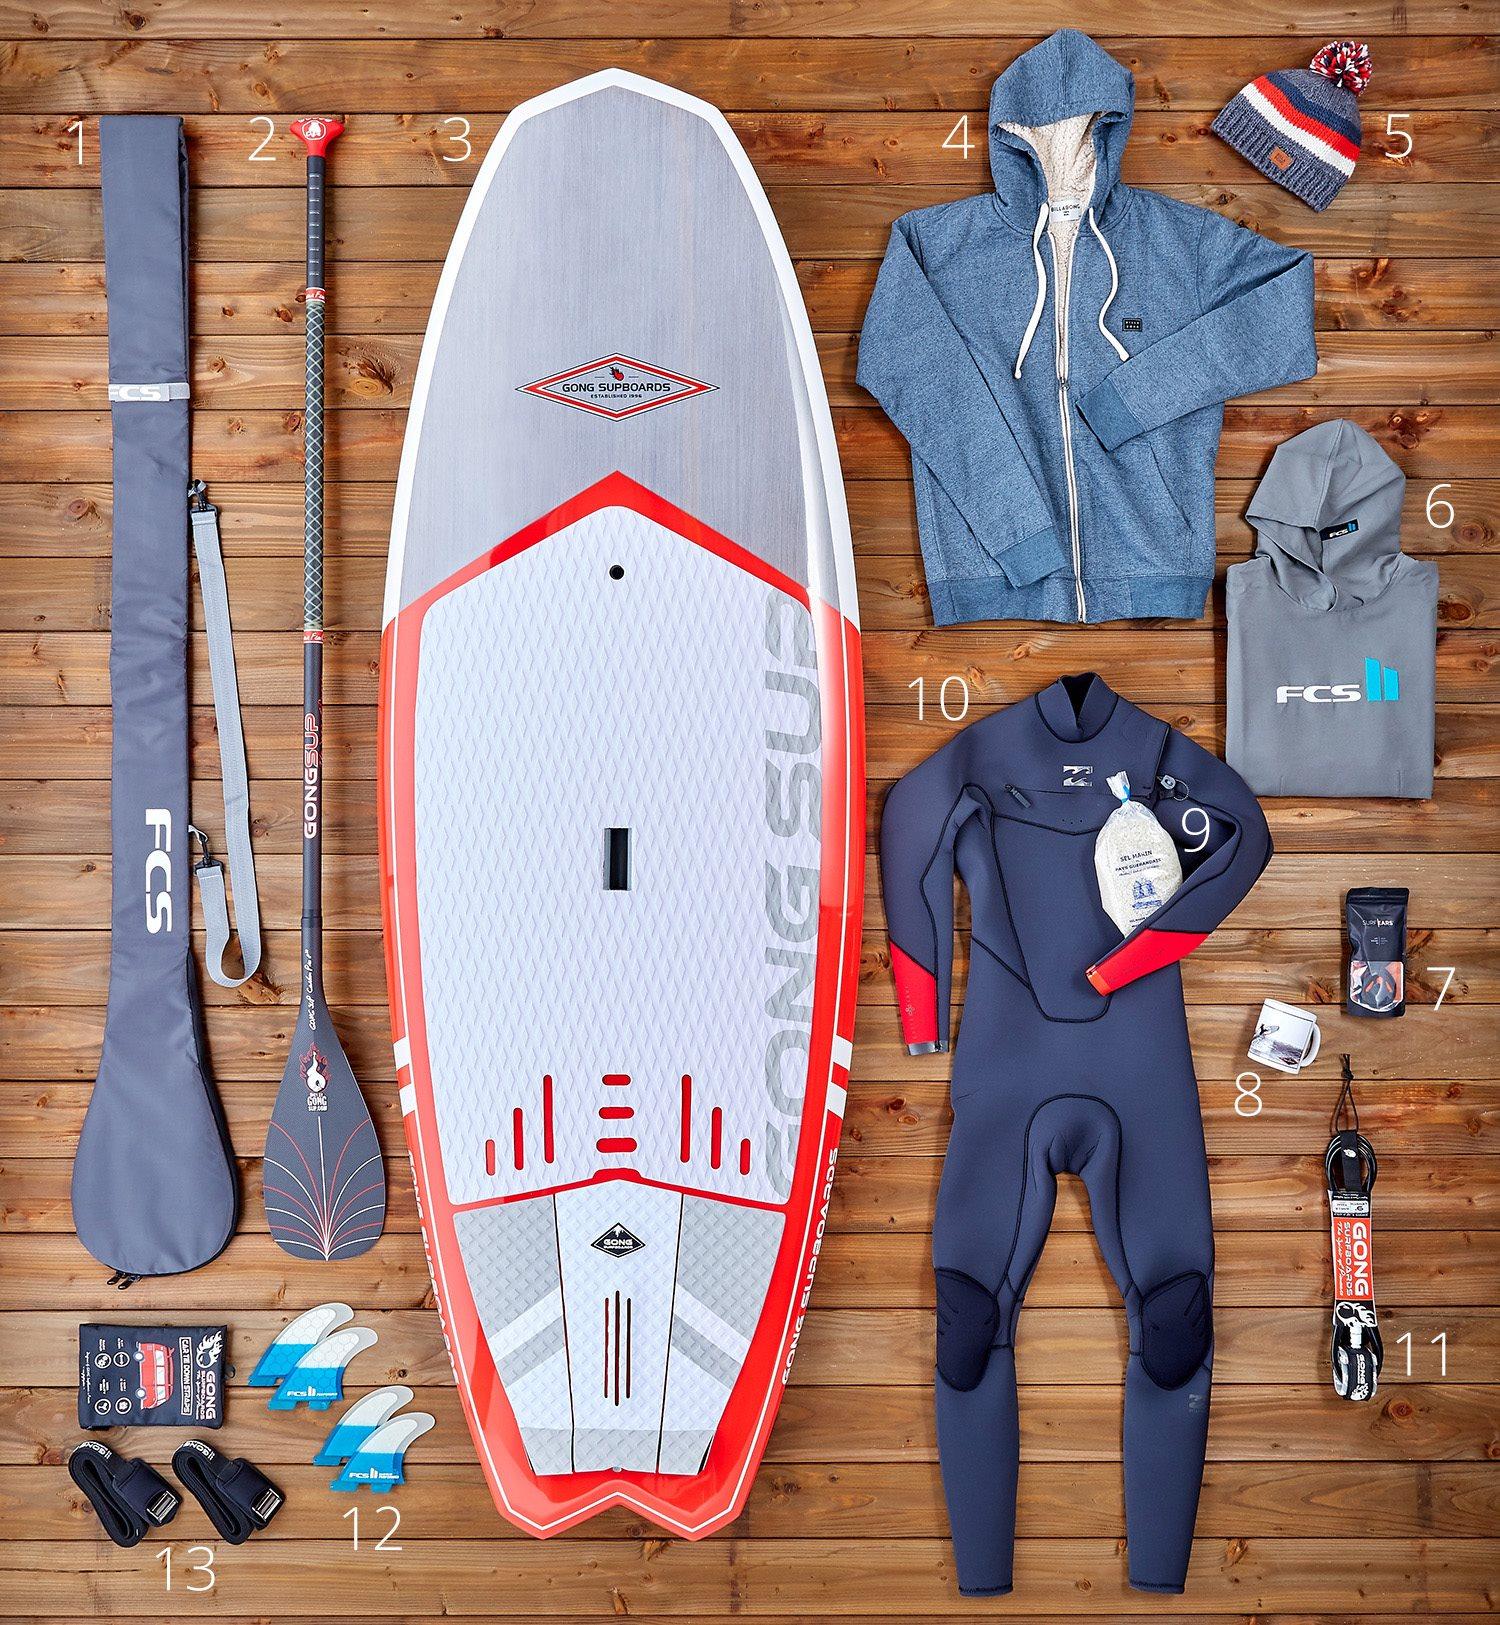 Les bonnes idées cadeaux de Noël de chez Gong Surfboards